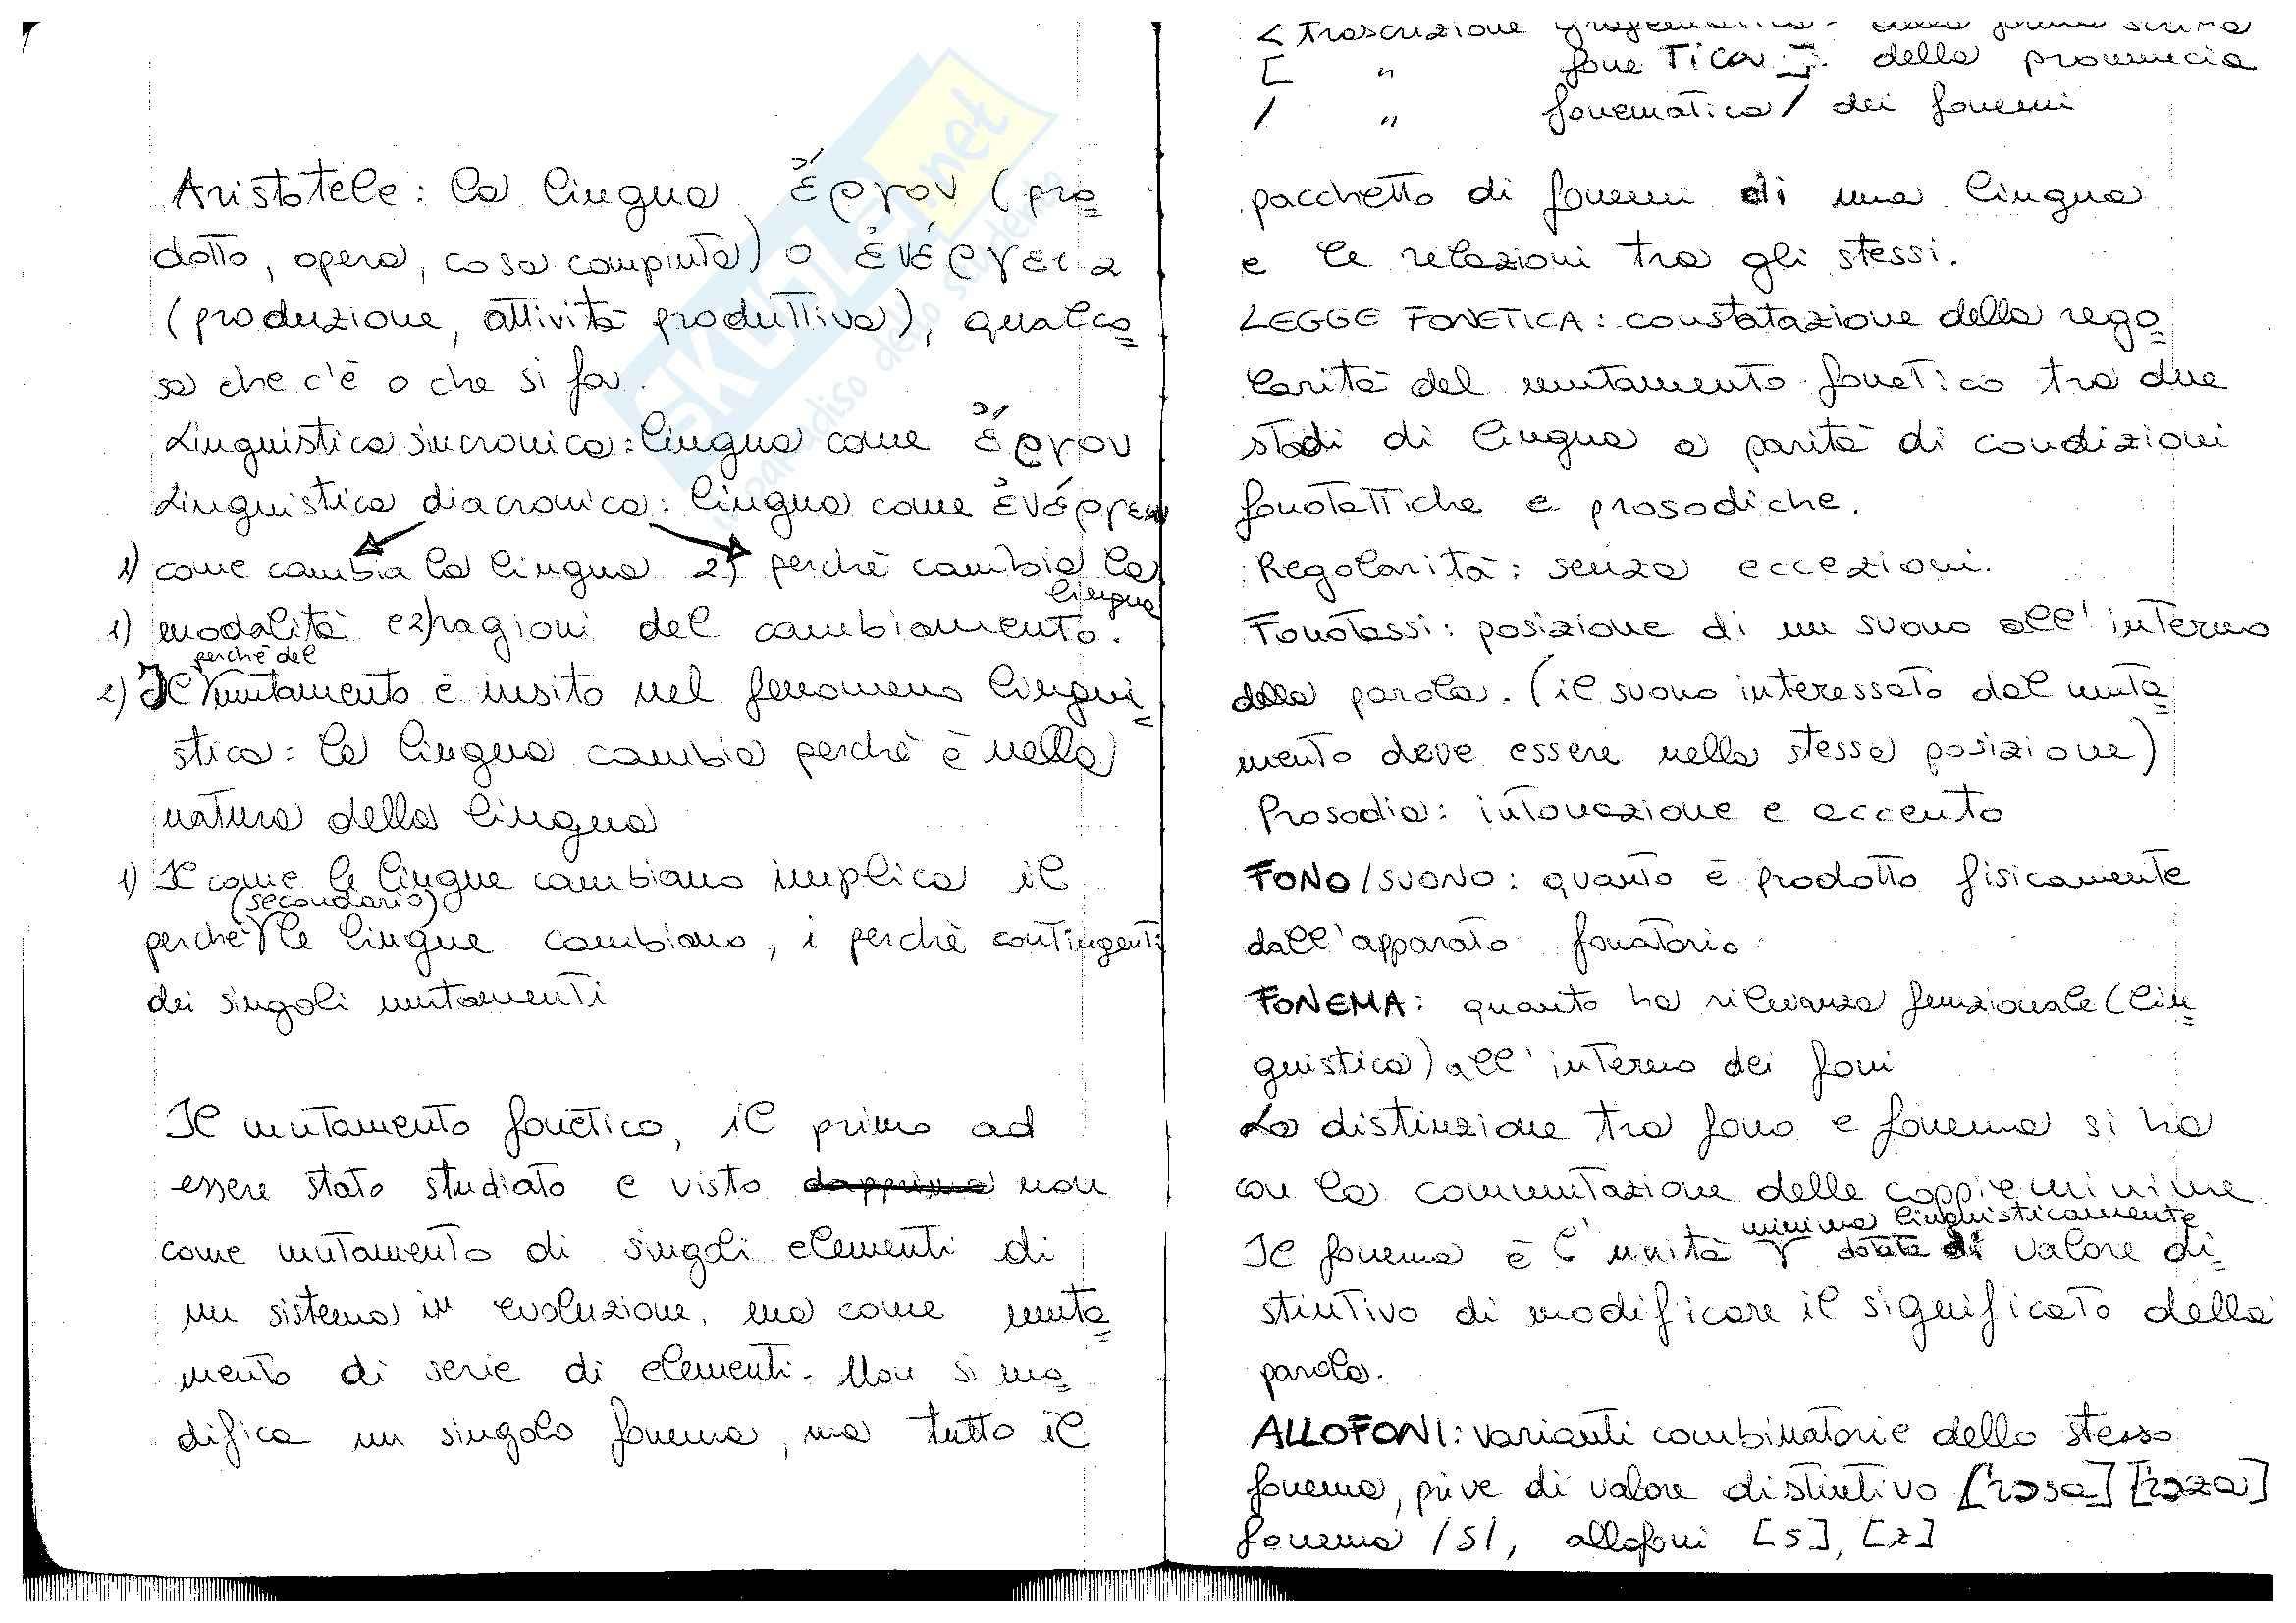 Fonetica: mutamento fonetico, legge fonetica, fono, fonema, allofono